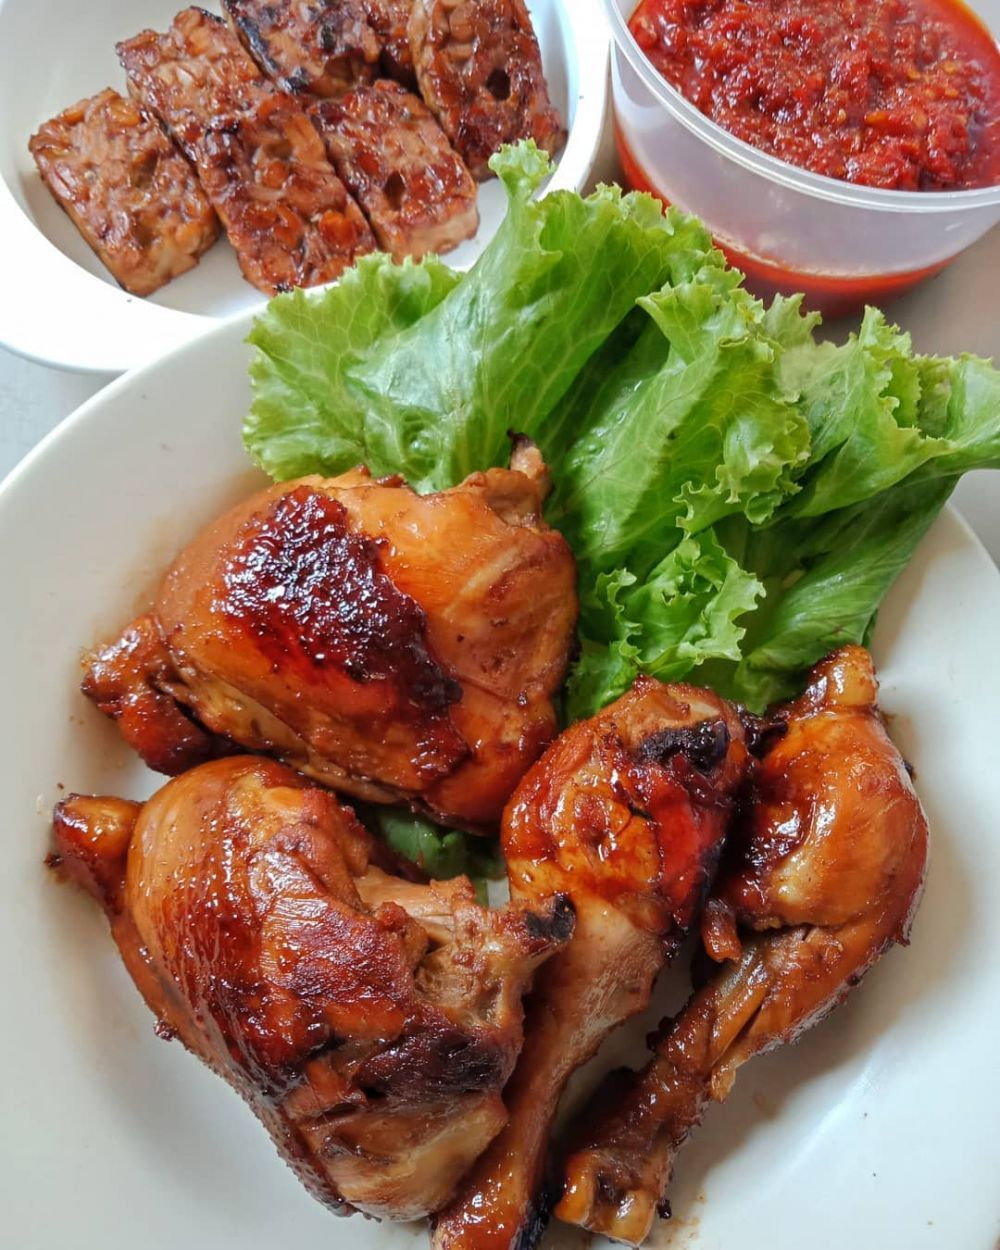 14 Resep Cara Membuat Ayam Bakar Instagram 1001resepandalan Siska Dewi Lestari Resep Seafood Resep Makanan Sehat